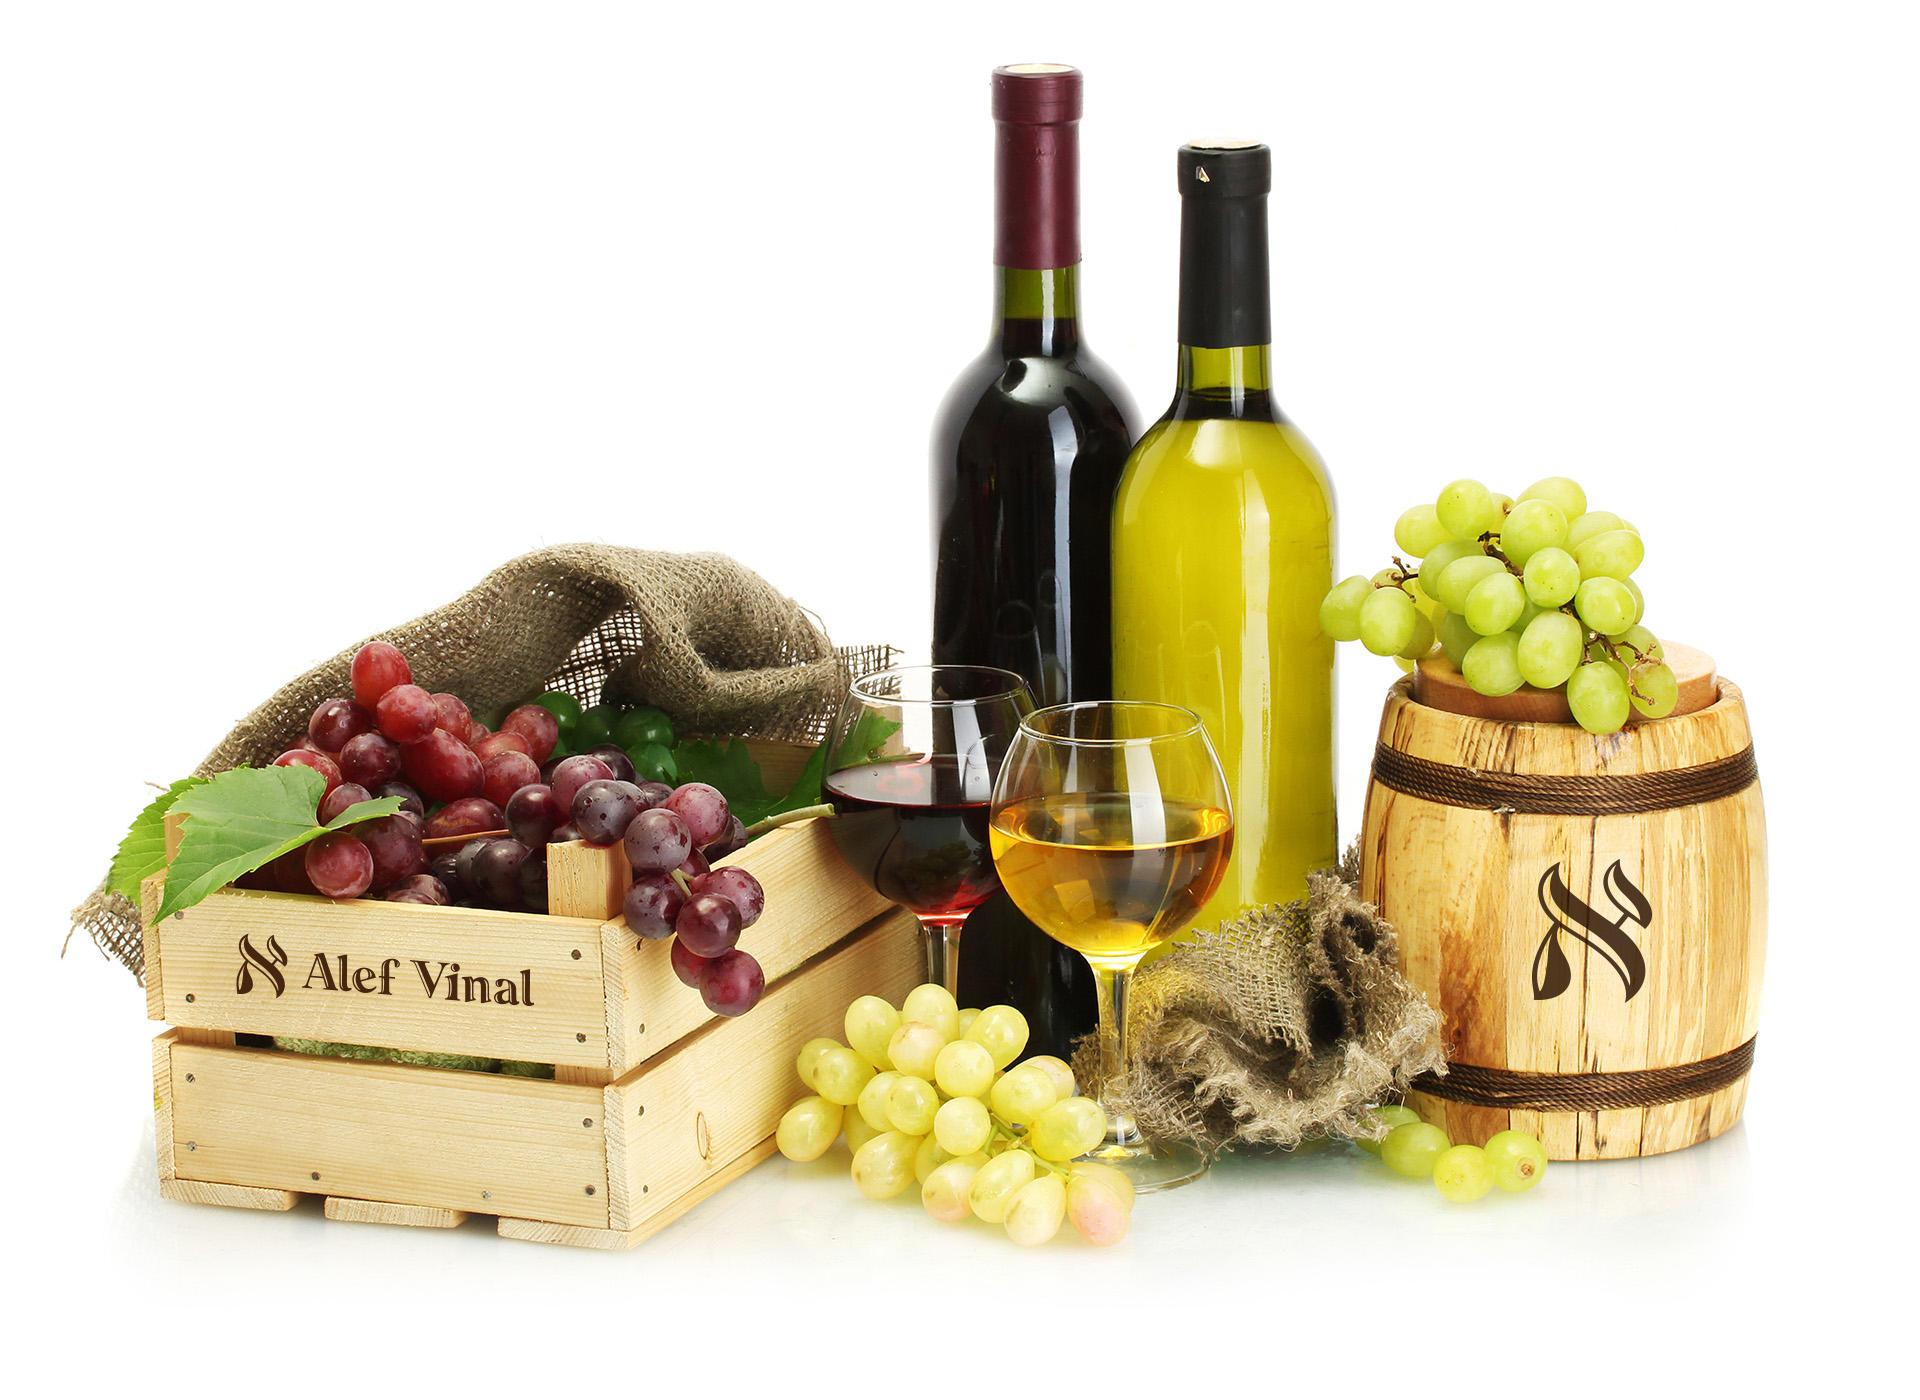 Производство алкоголя дизайн логотипа, Alcohol production logo design